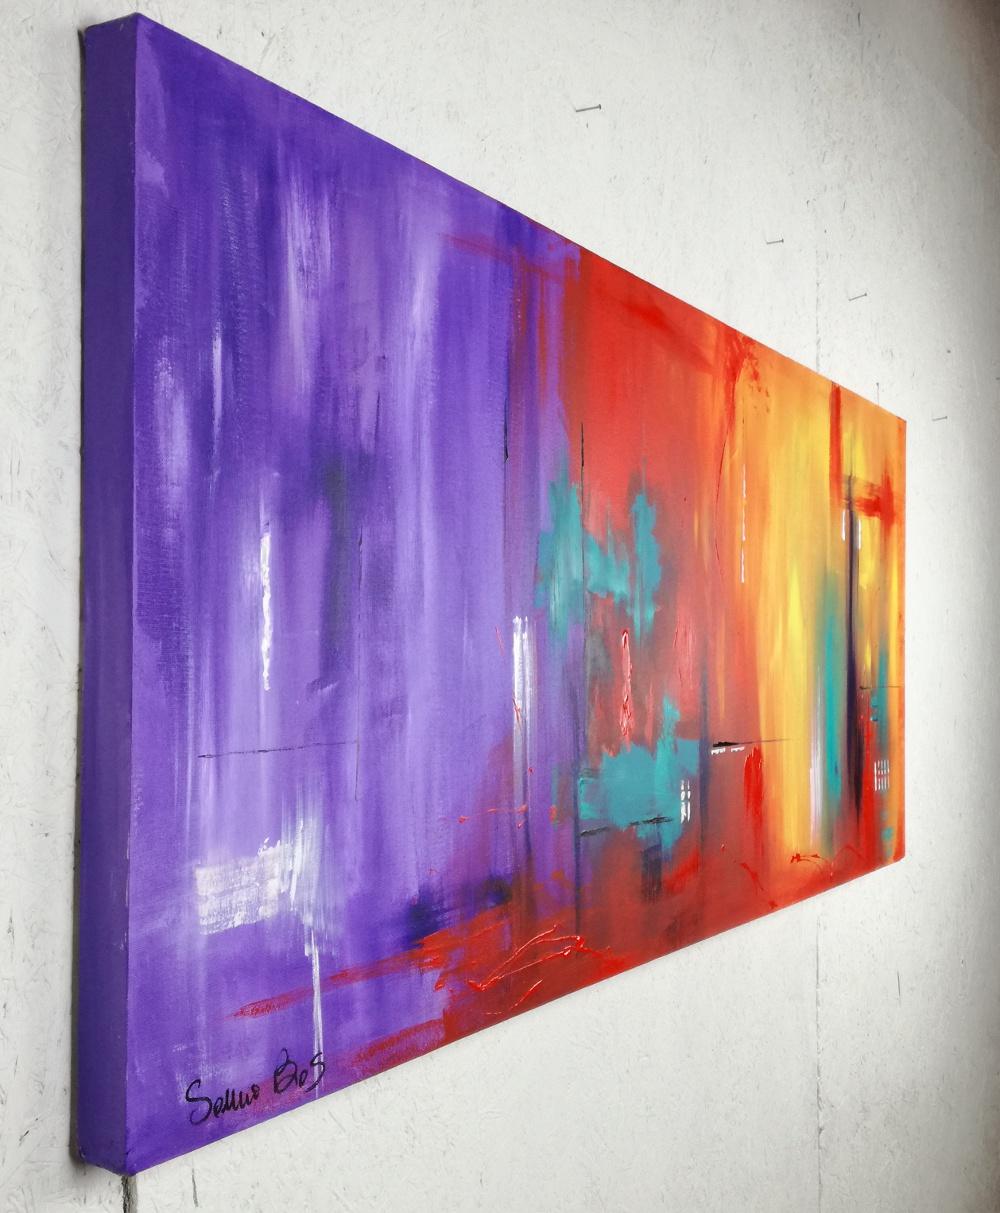 Quadri astratti informali per soggiorno viola rosso 150x65 - Ikea quadri su tela ...